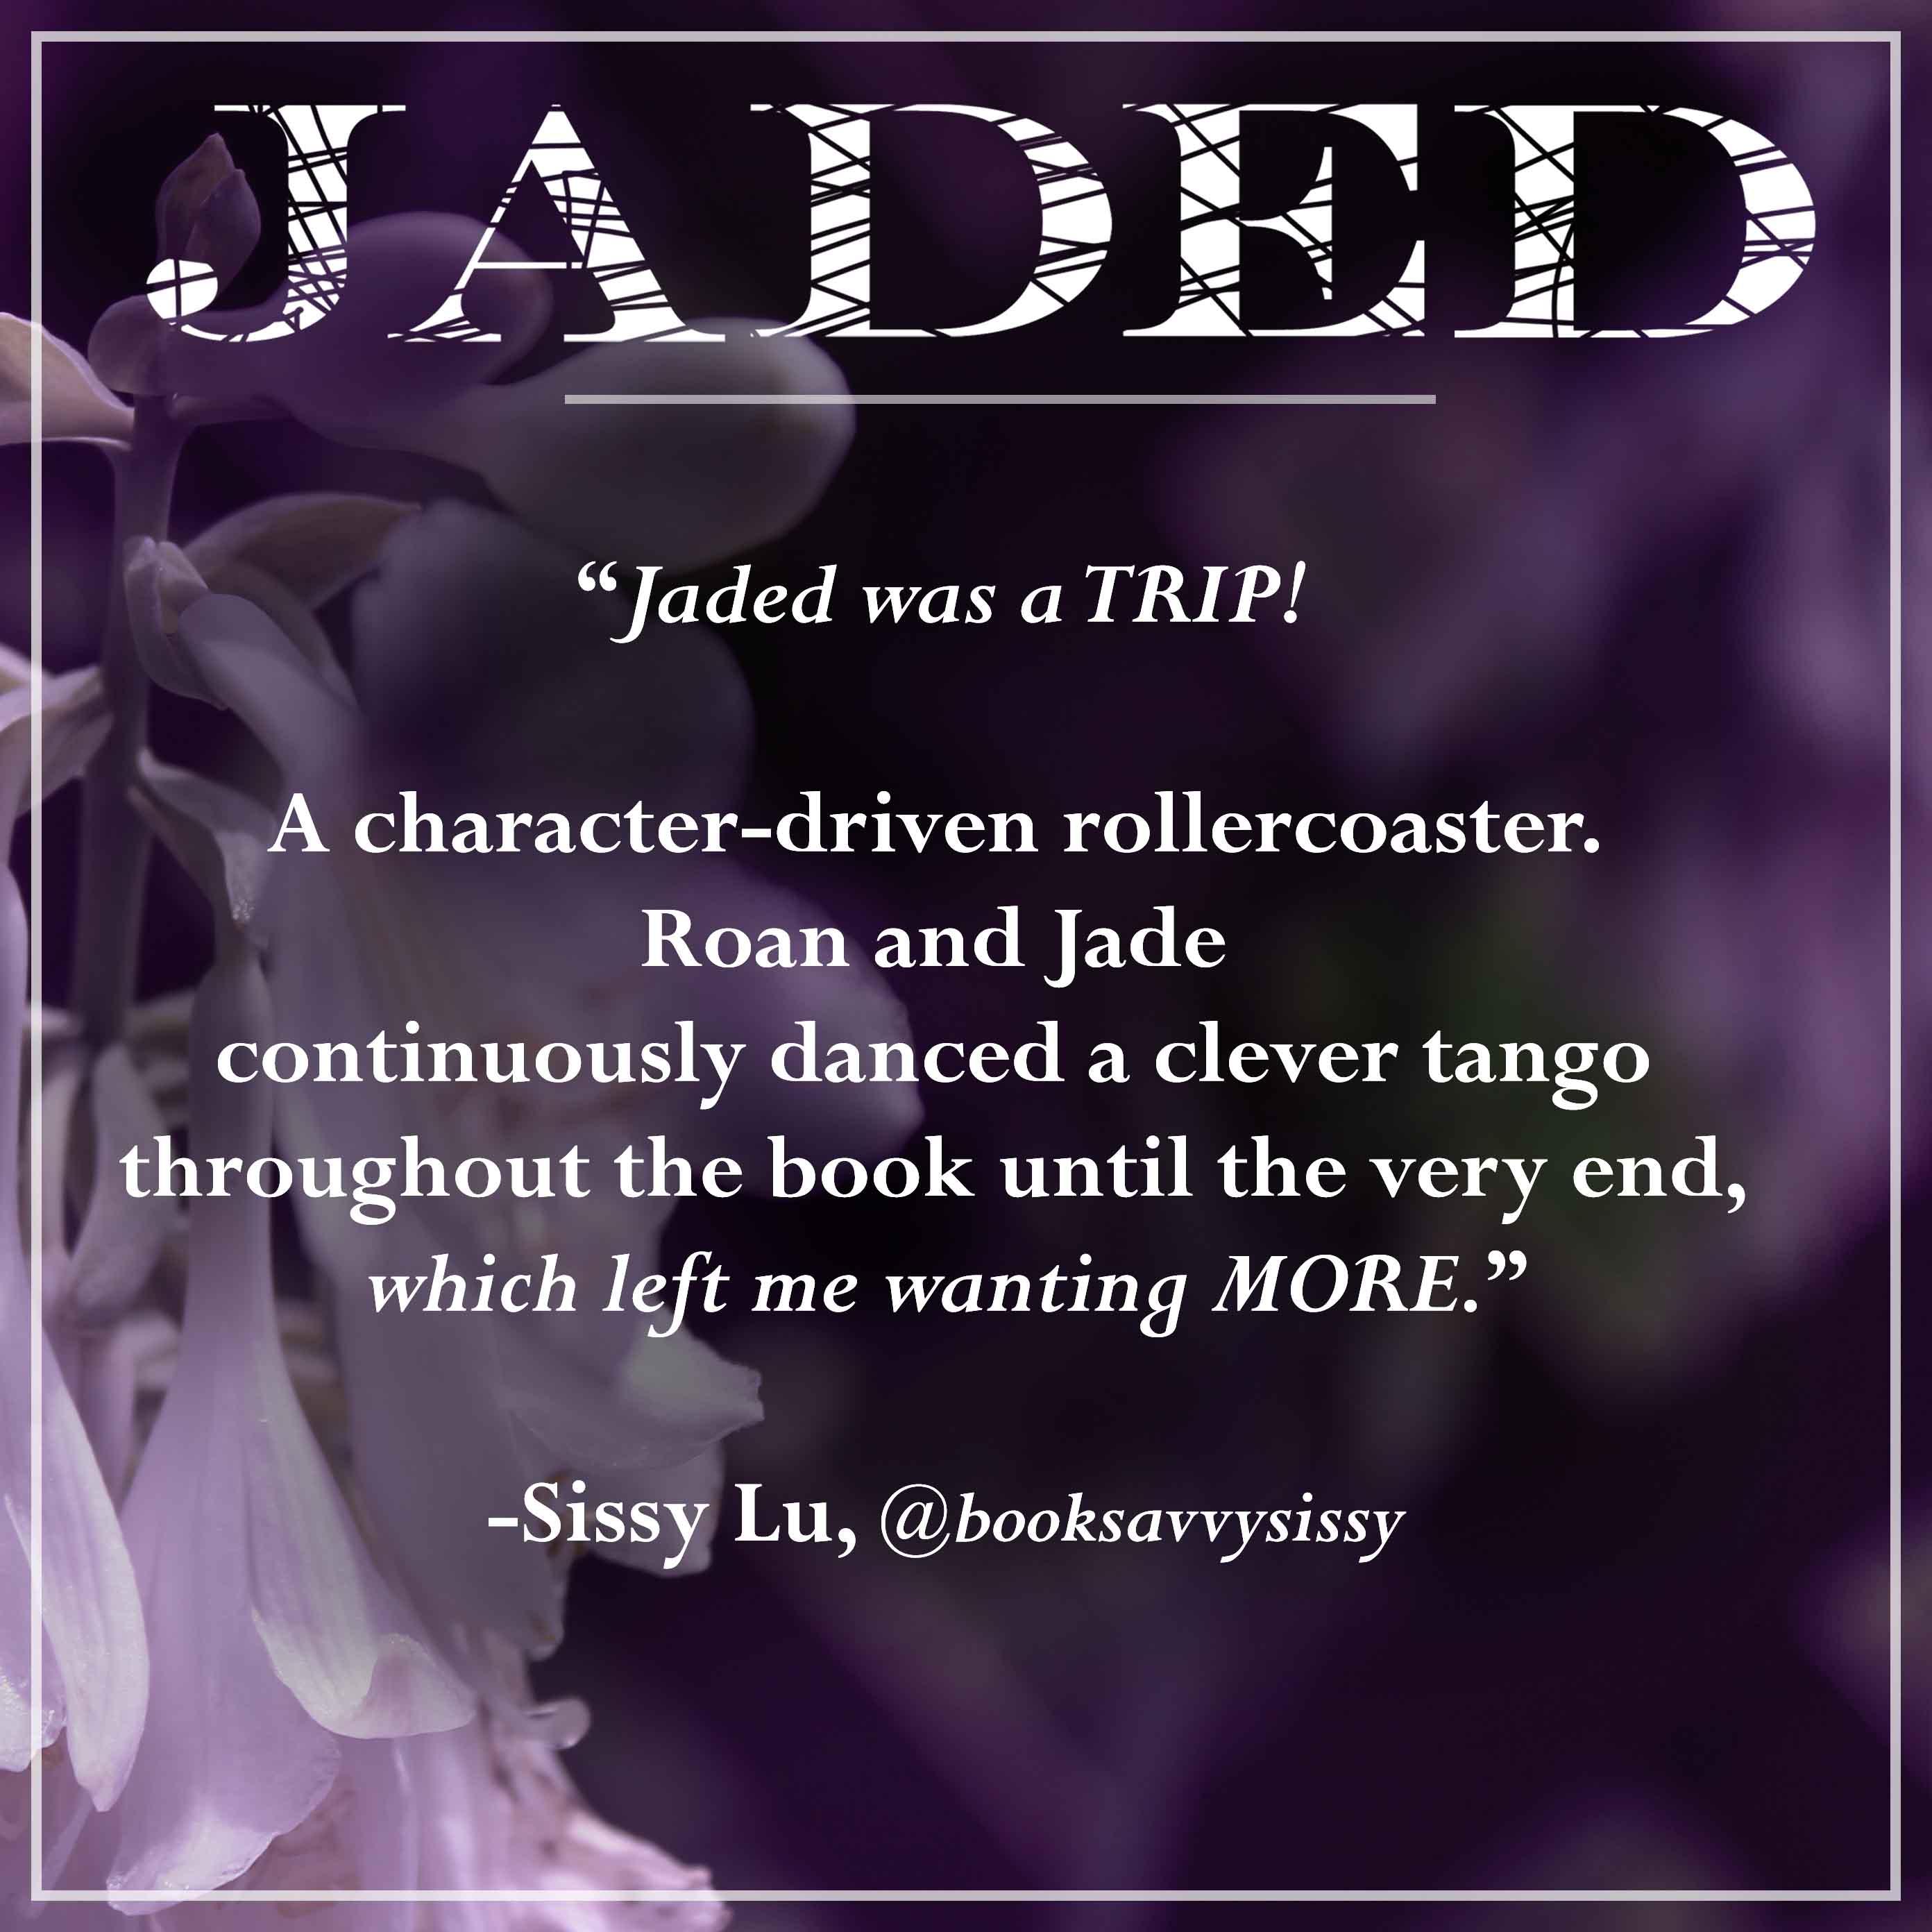 jaded fan quote-elissa